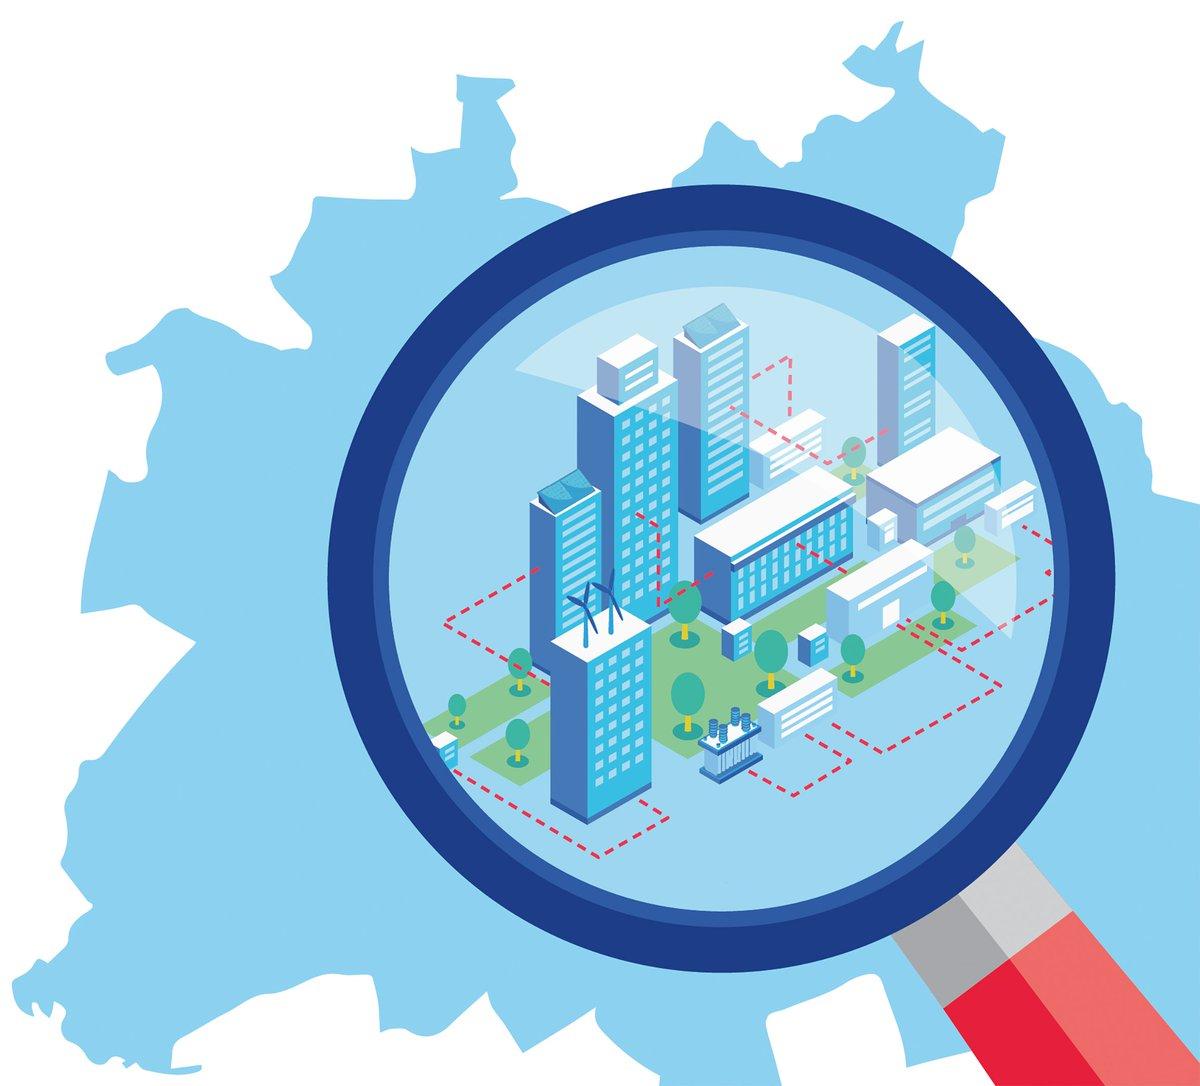 Lovely Aktuelle Energiebilanz Von #berlin Ist Beeindruckend. Wir Zeigen Am 25.5.  Beispiele Zum Thema Energiespeicher. Infos U0026 Anmeldung:  Https://bit.ly/2rHdQvI ...